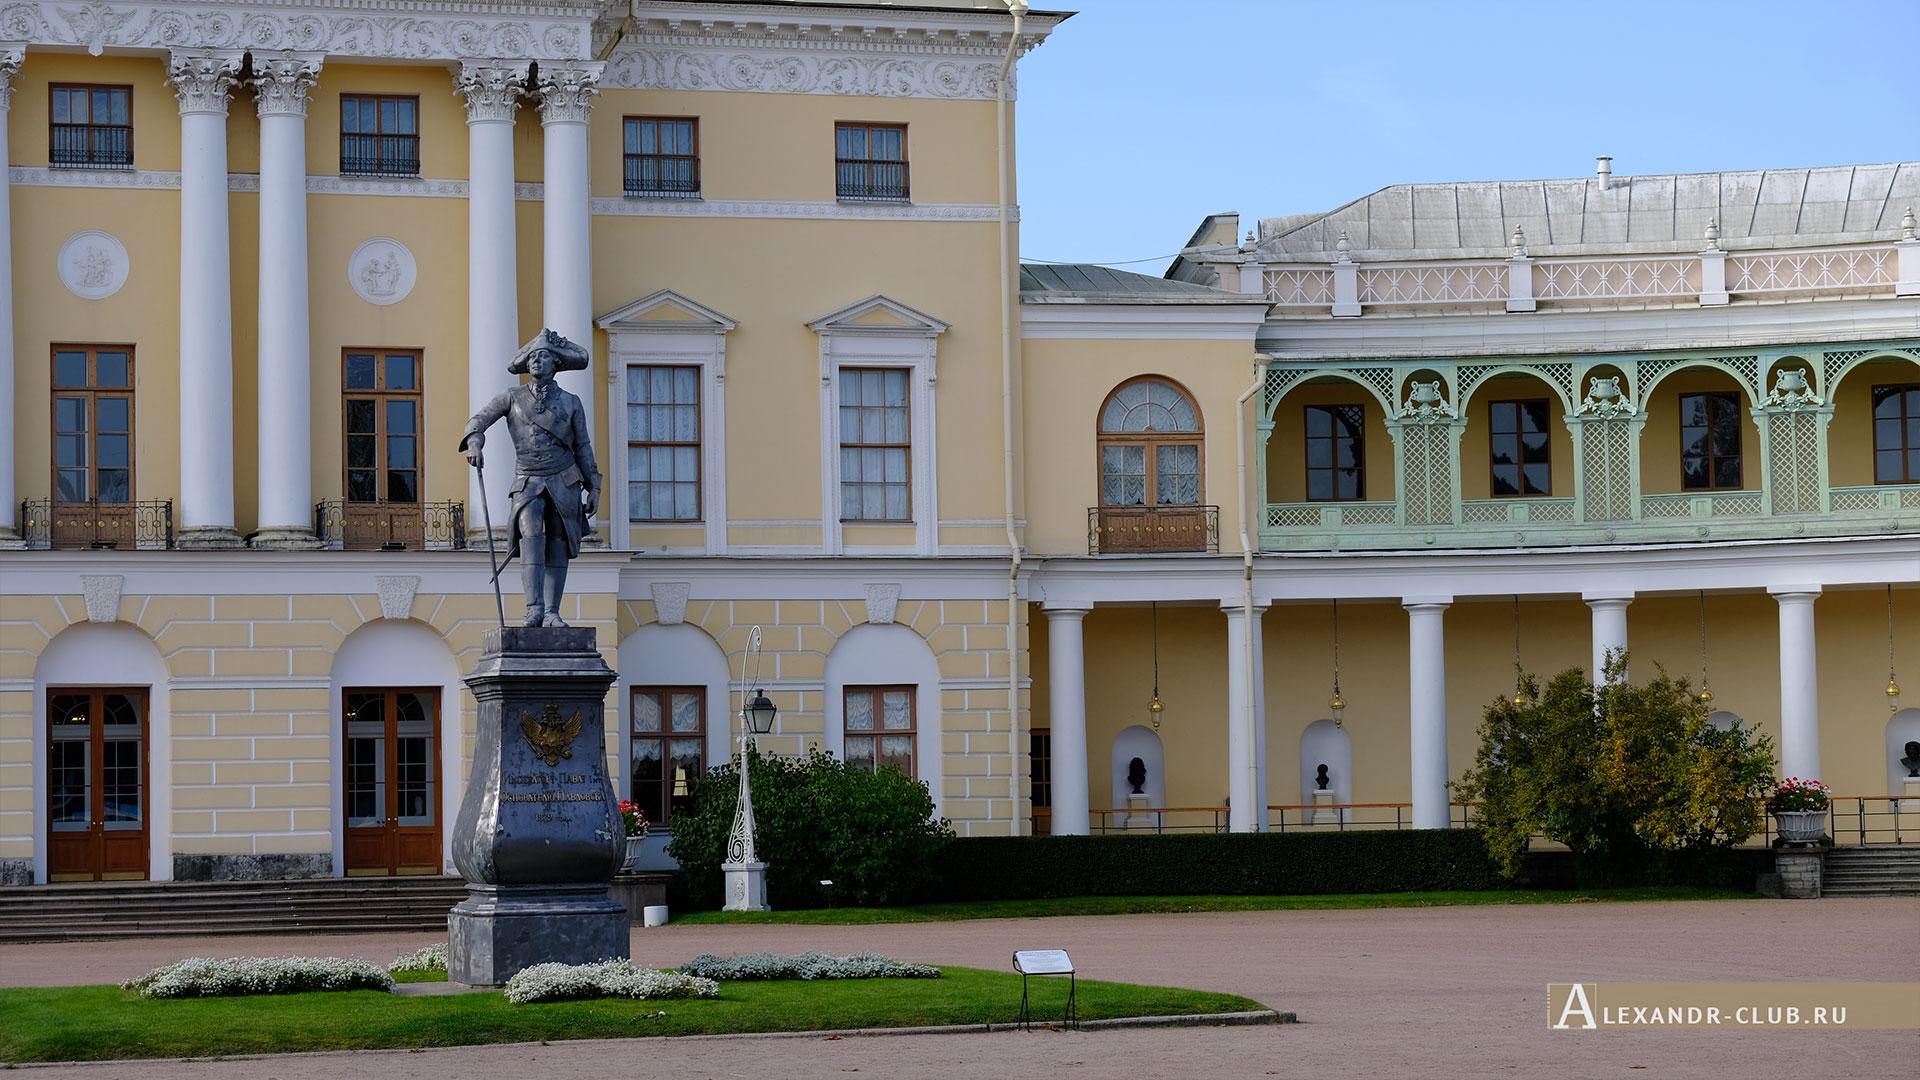 Павловск, осень, Павловский парк, Большой Павловский дворец